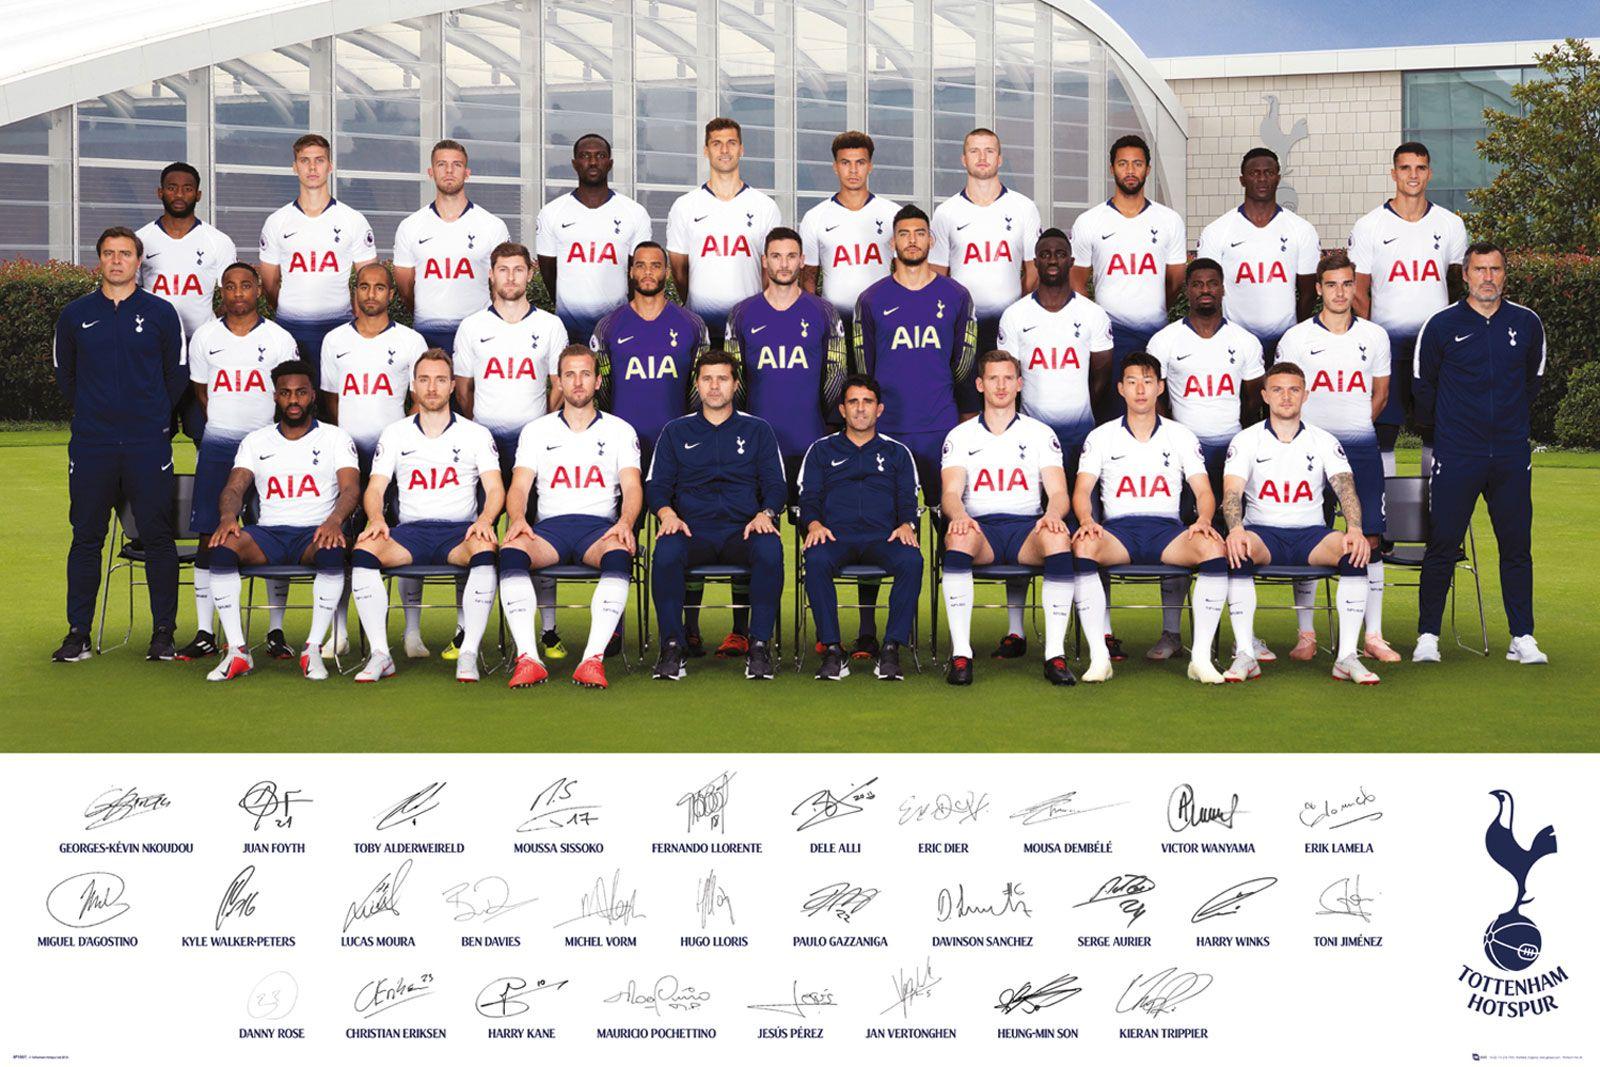 Oficjalny poster Tottenhamu